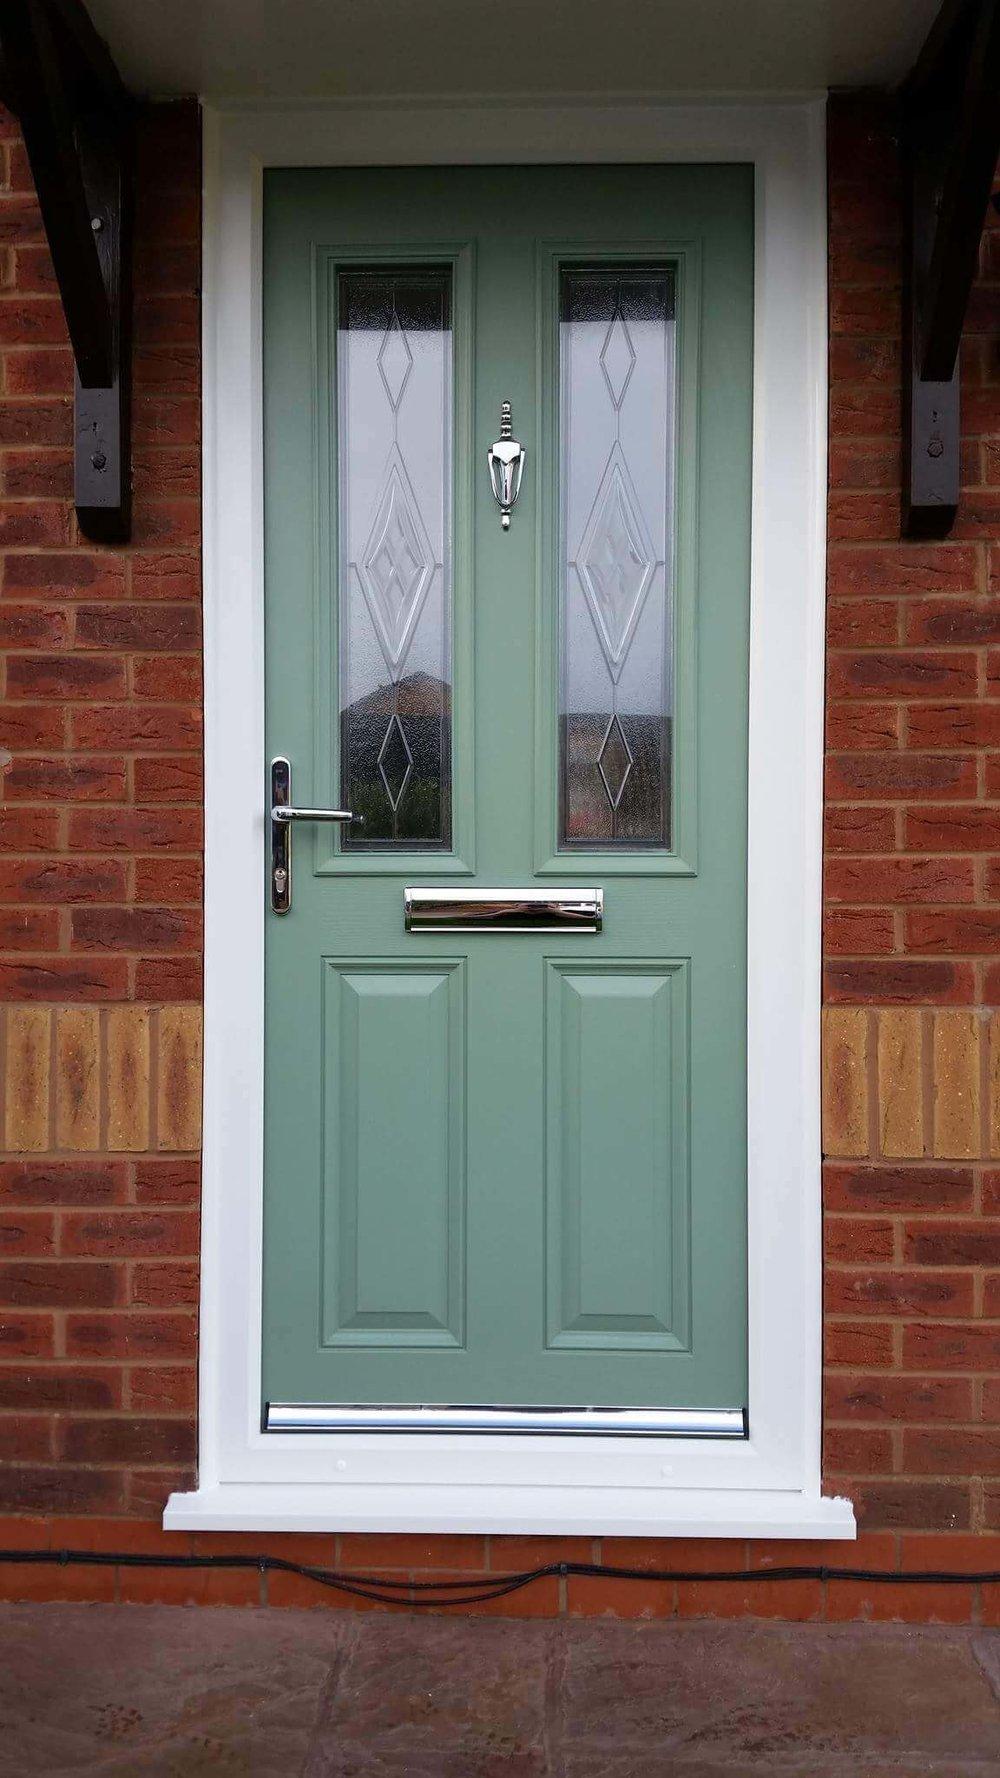 green-composite-door-with-silver-hardware.jpg